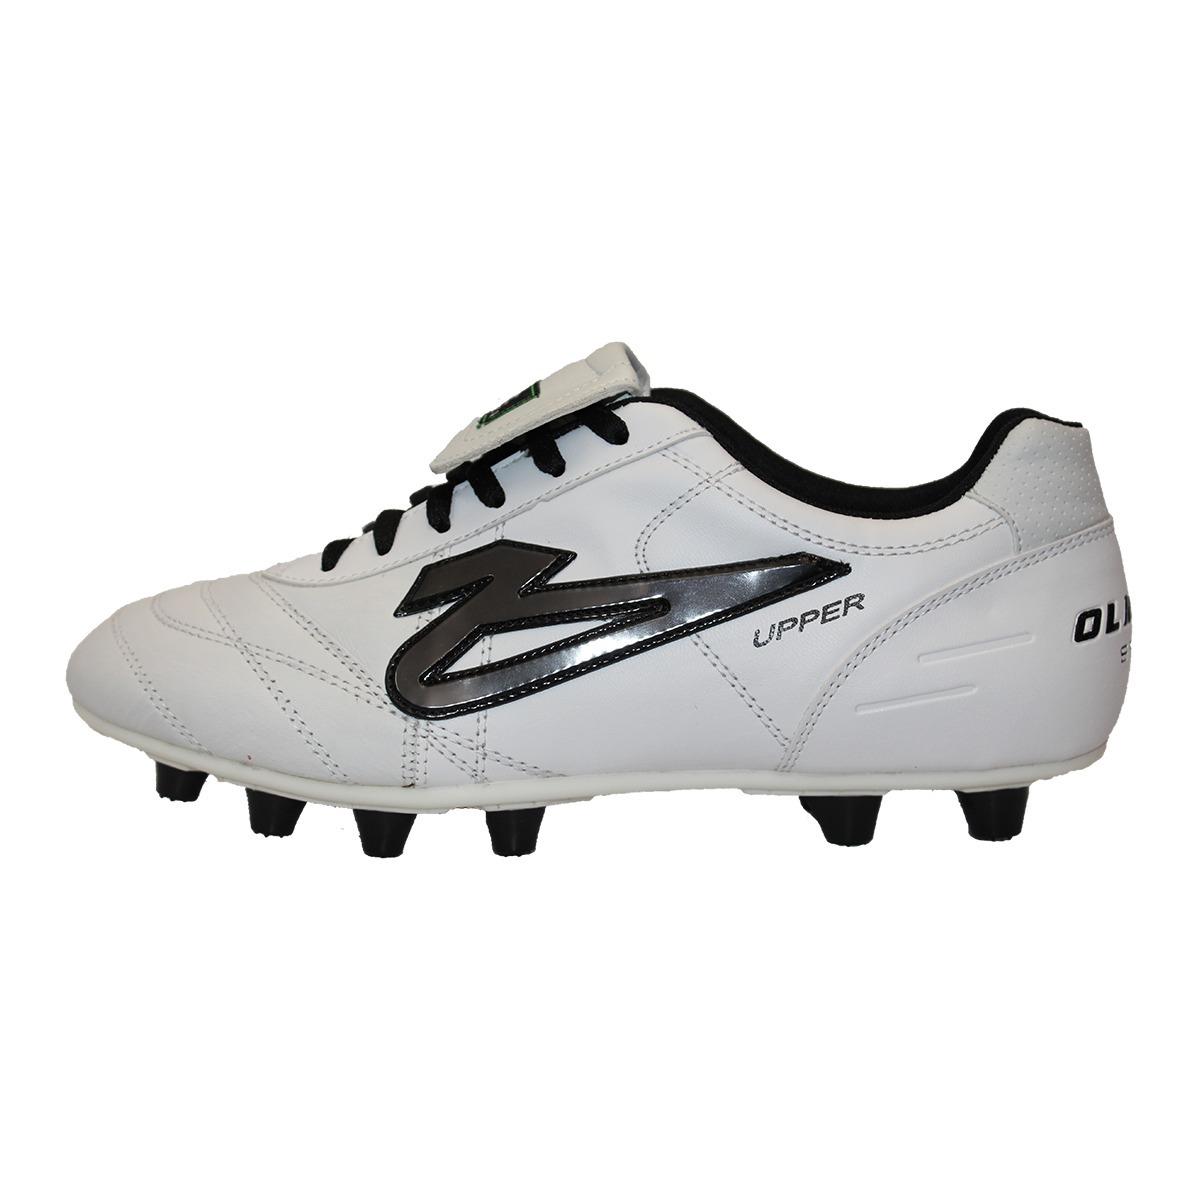 e79f398d89f57 Zapatos de futbol olmeca upper blanco piel en mercado libre jpg 1200x1200 Futbol  olmeca